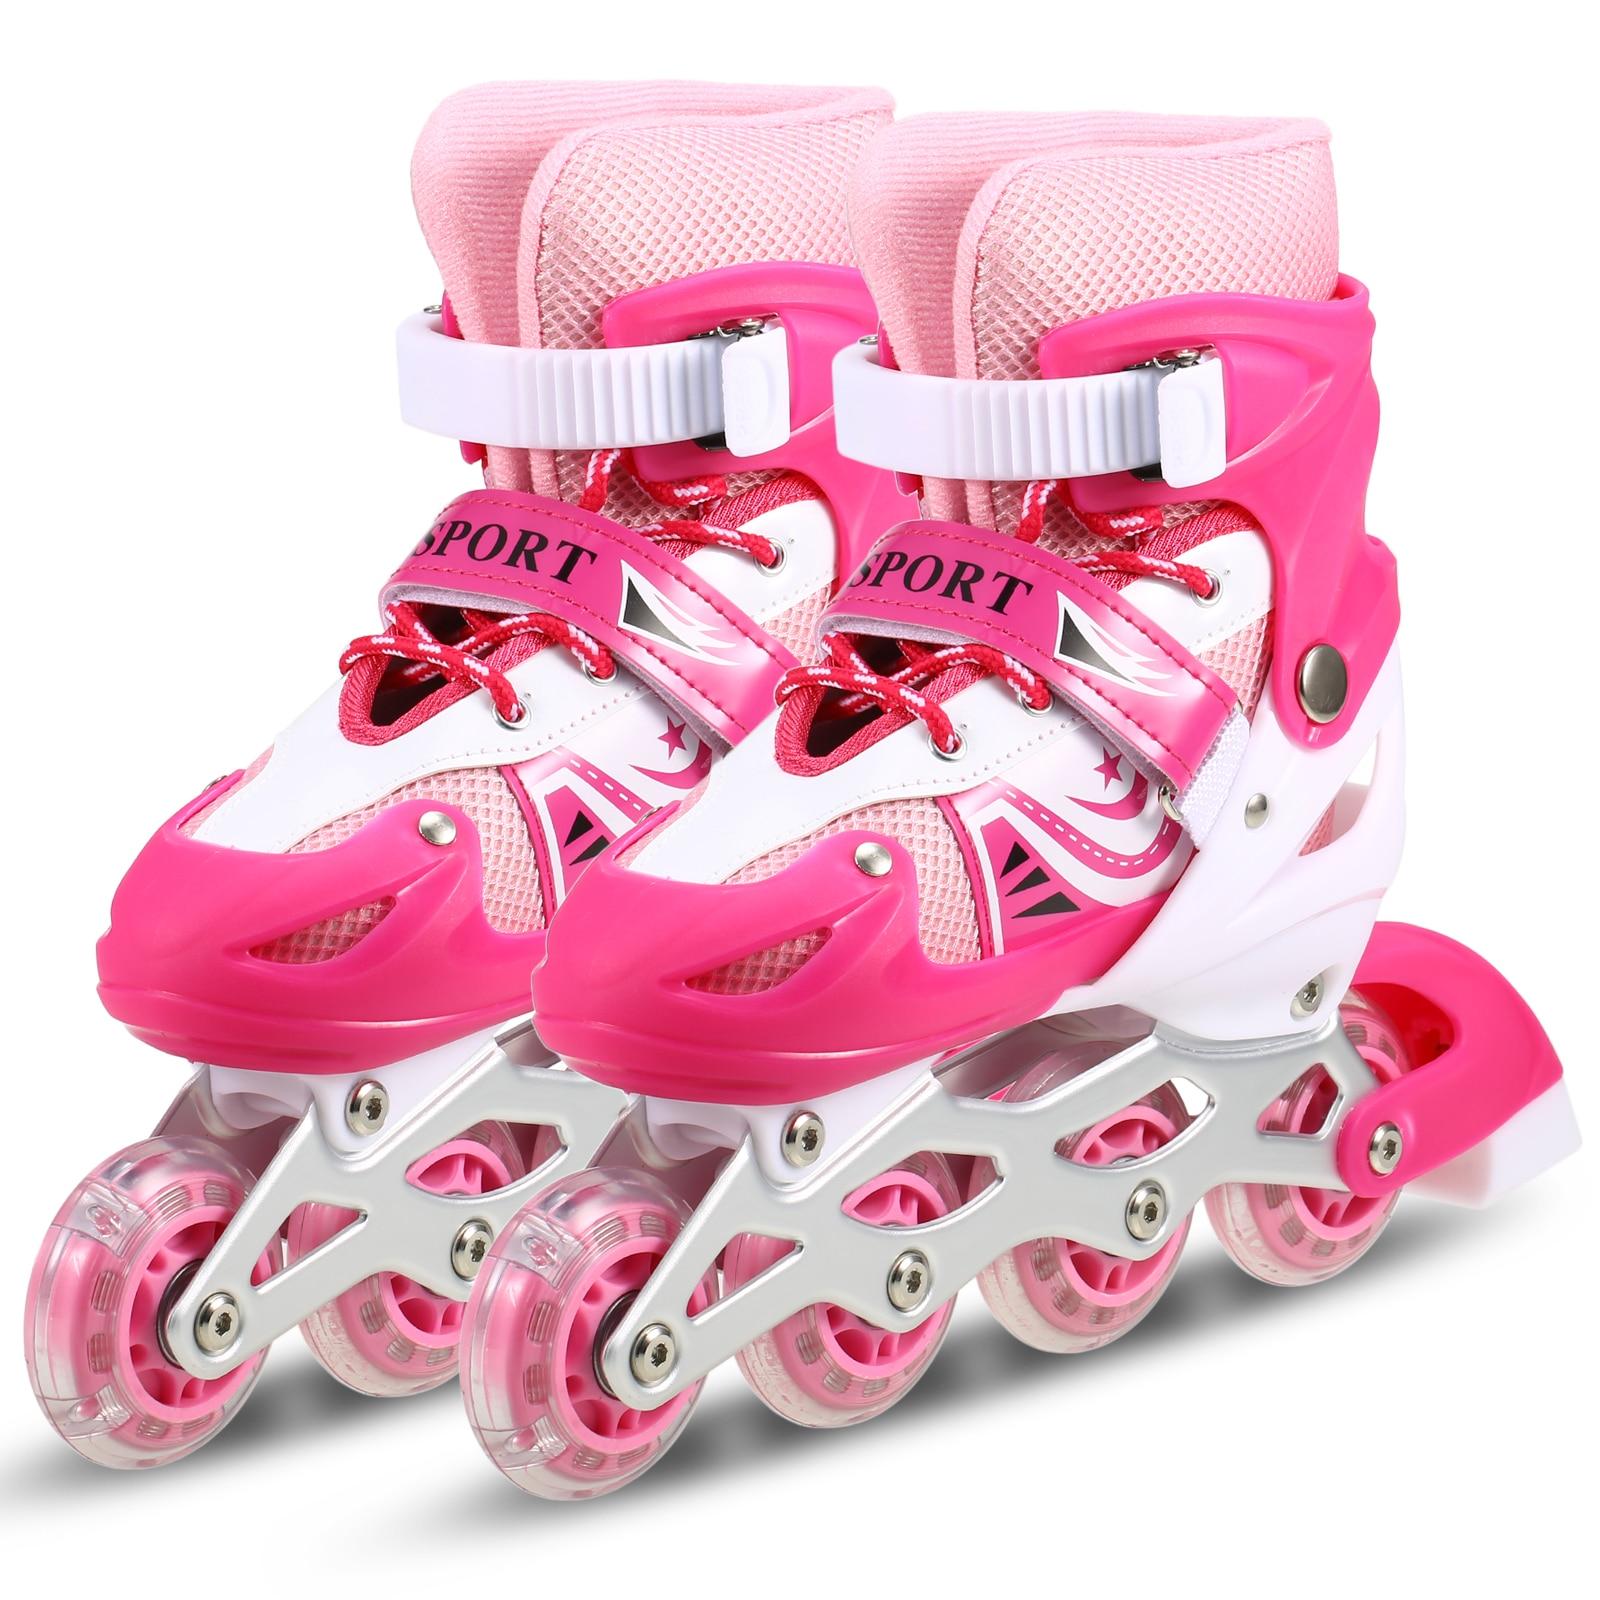 Children Outdoor Roller Skates Adjustable Inline Skating Shoes Outdoor Roller Skates For Boys Girls Kids Sports